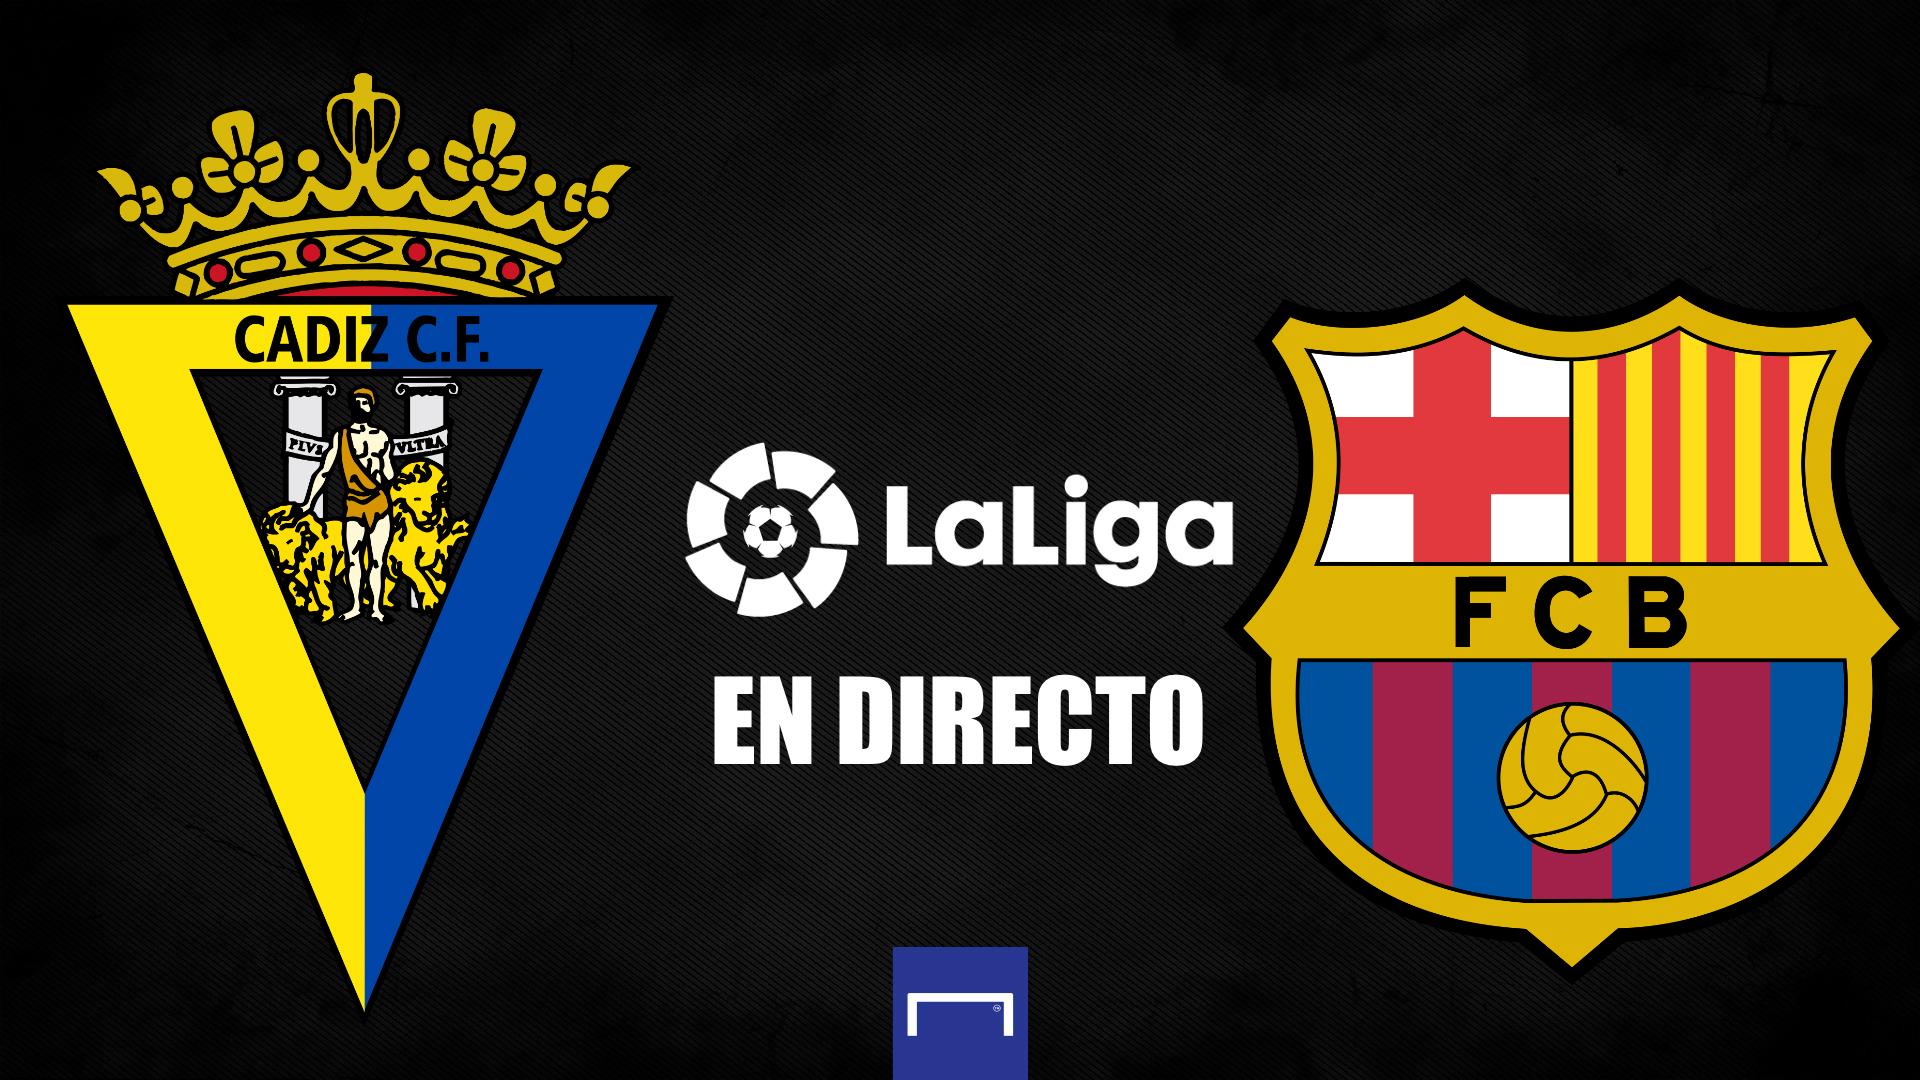 Cádiz vs. Barcelona de LaLiga en directo: resultado, alineaciones,  polémicas, reacciones y ruedas de prensa